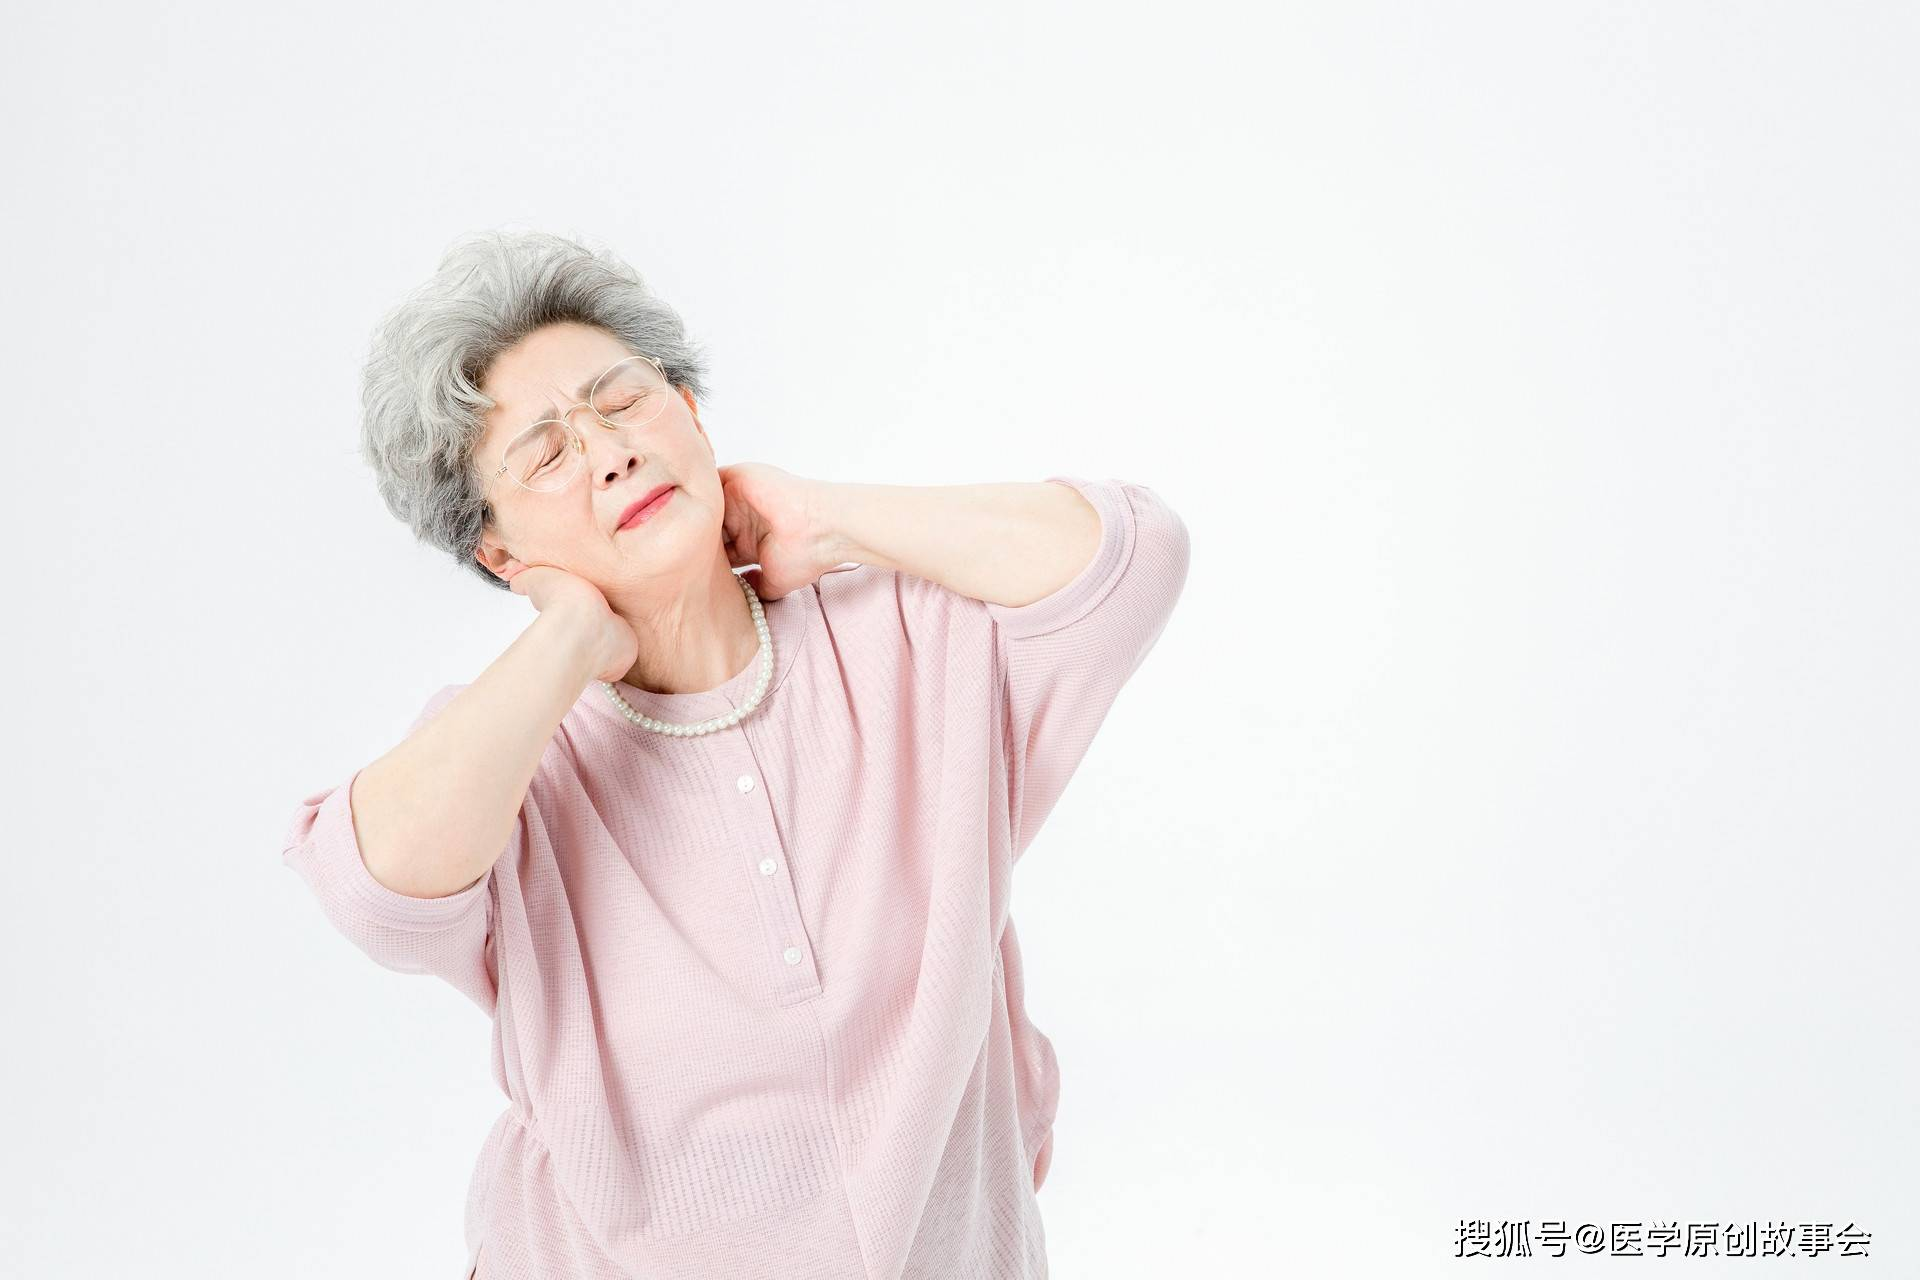 原创女人开始衰老的五个标志,如果超过两个以上,提示已不再年轻